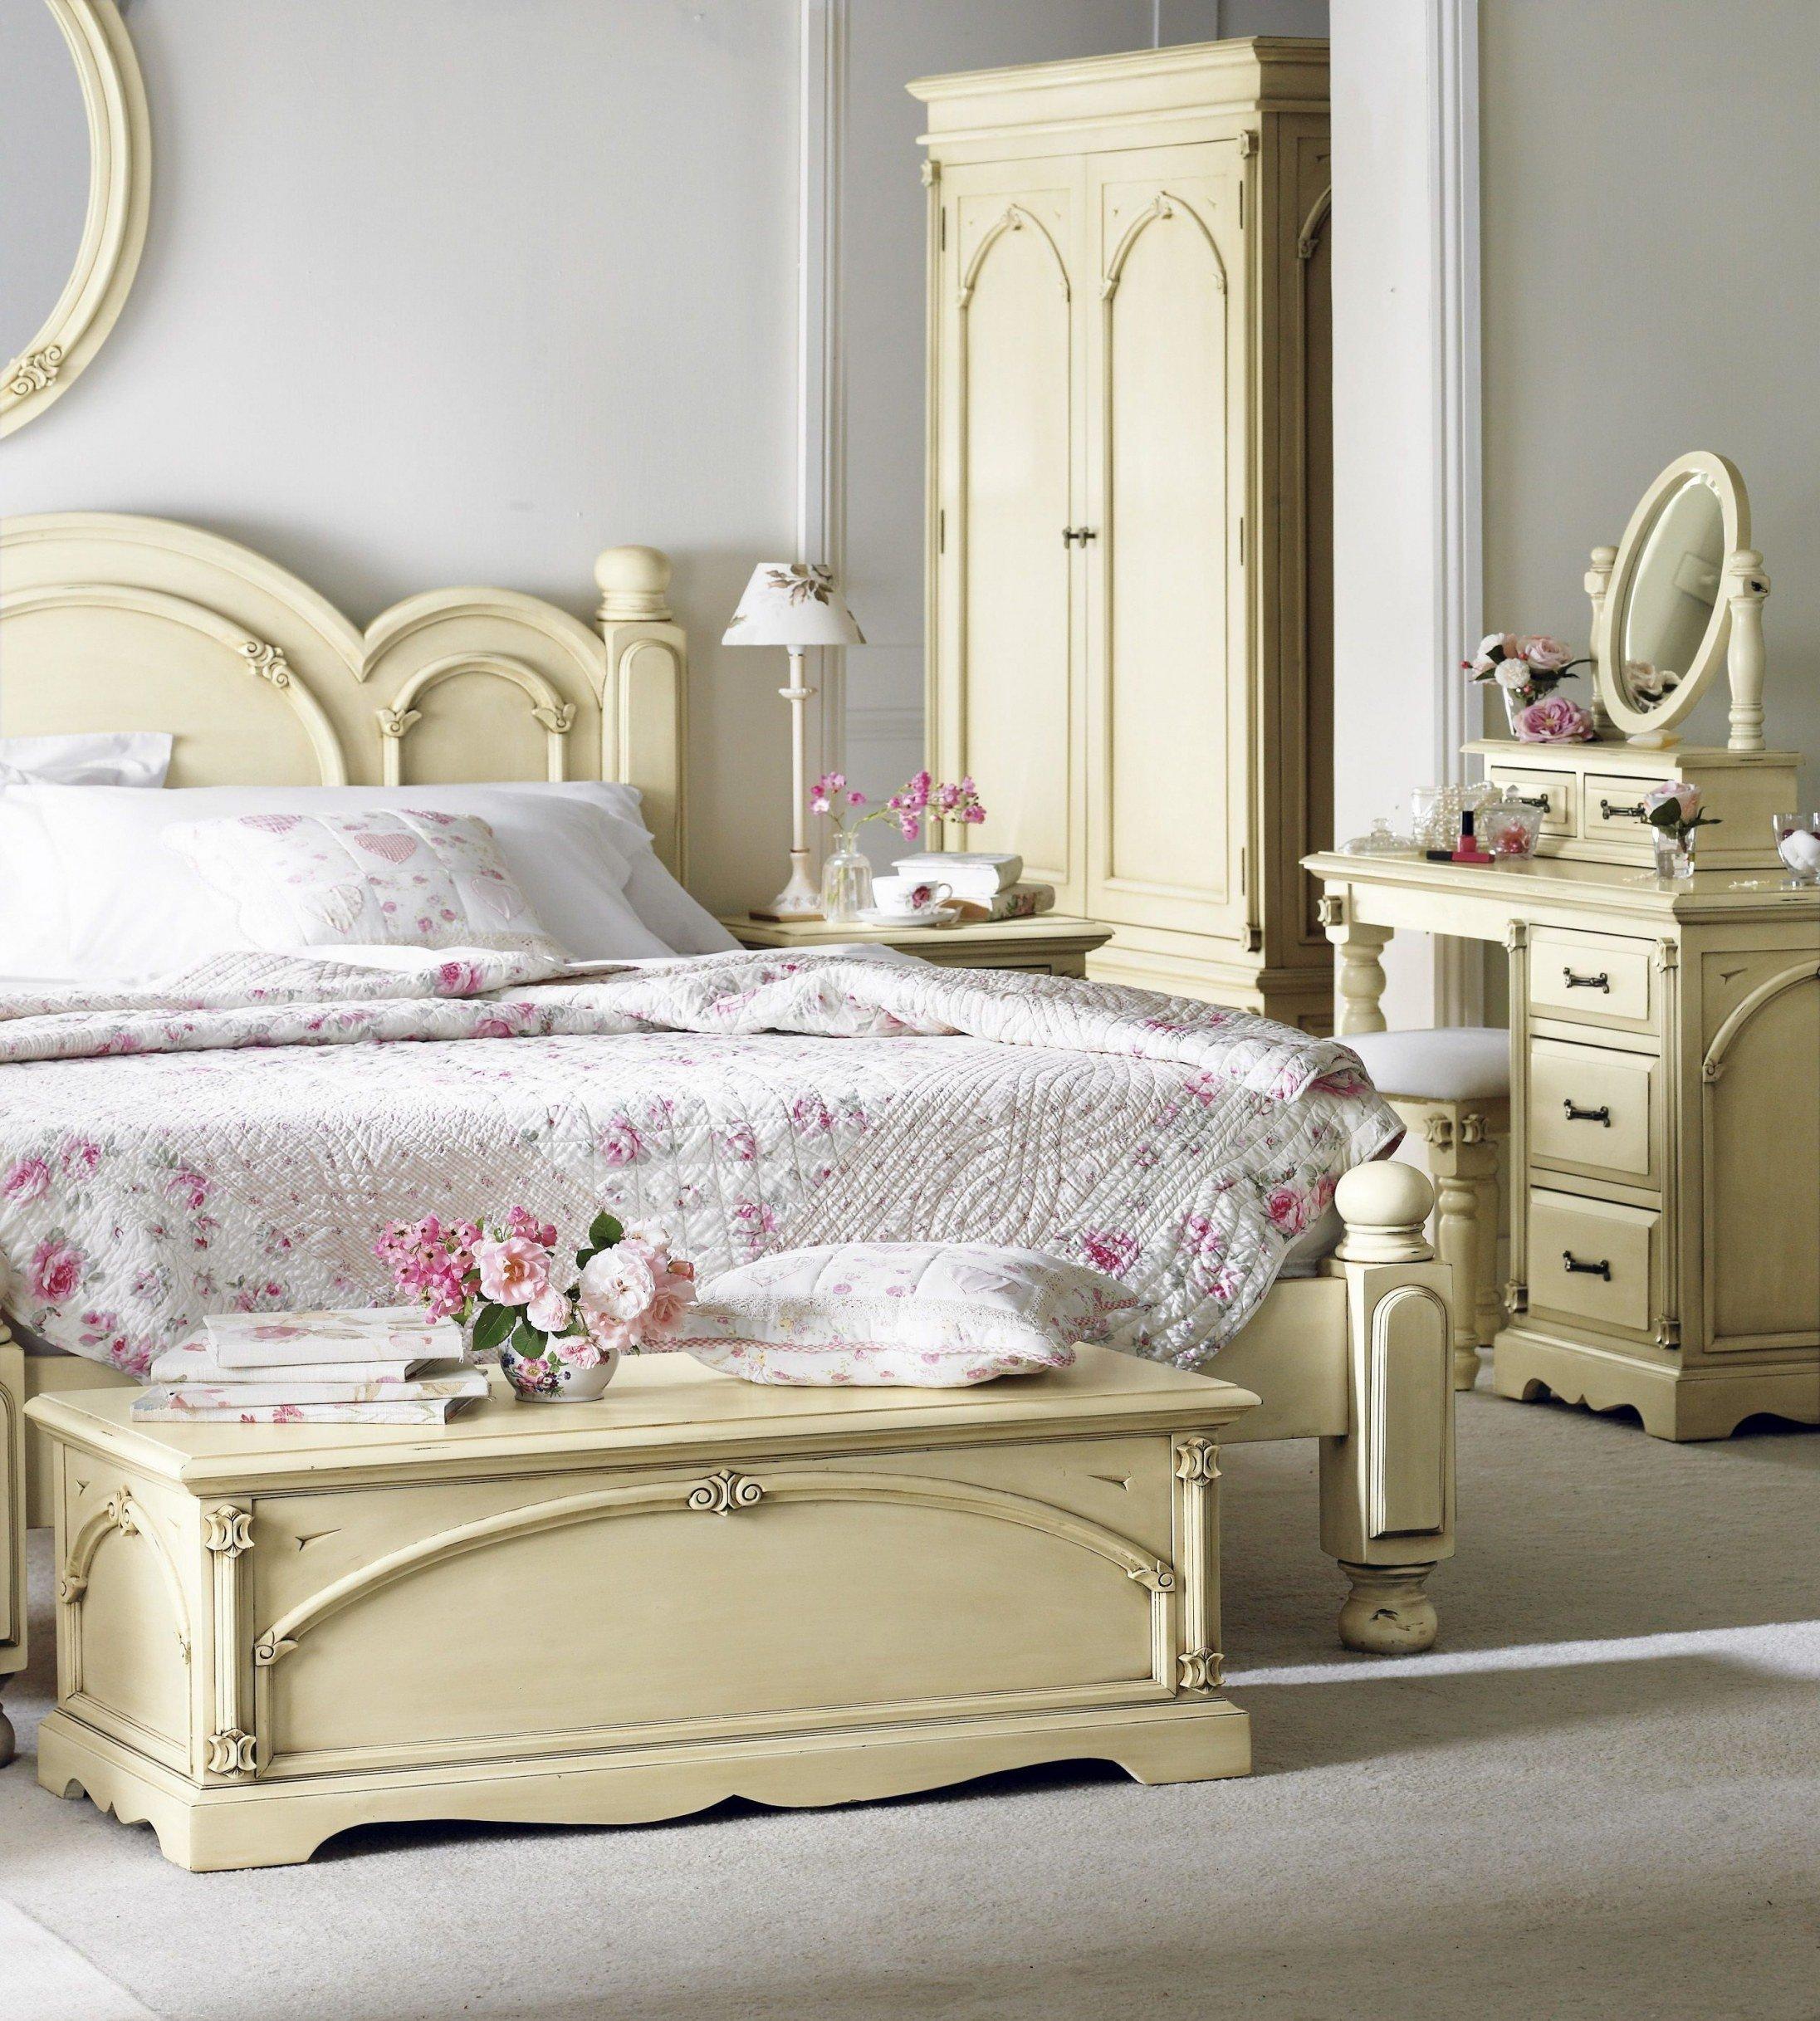 Teenage Girl Bedroom Ideas Fresh Teen Girls Bedroom Ideas Bedroom Cool Gray Bedroom Decor